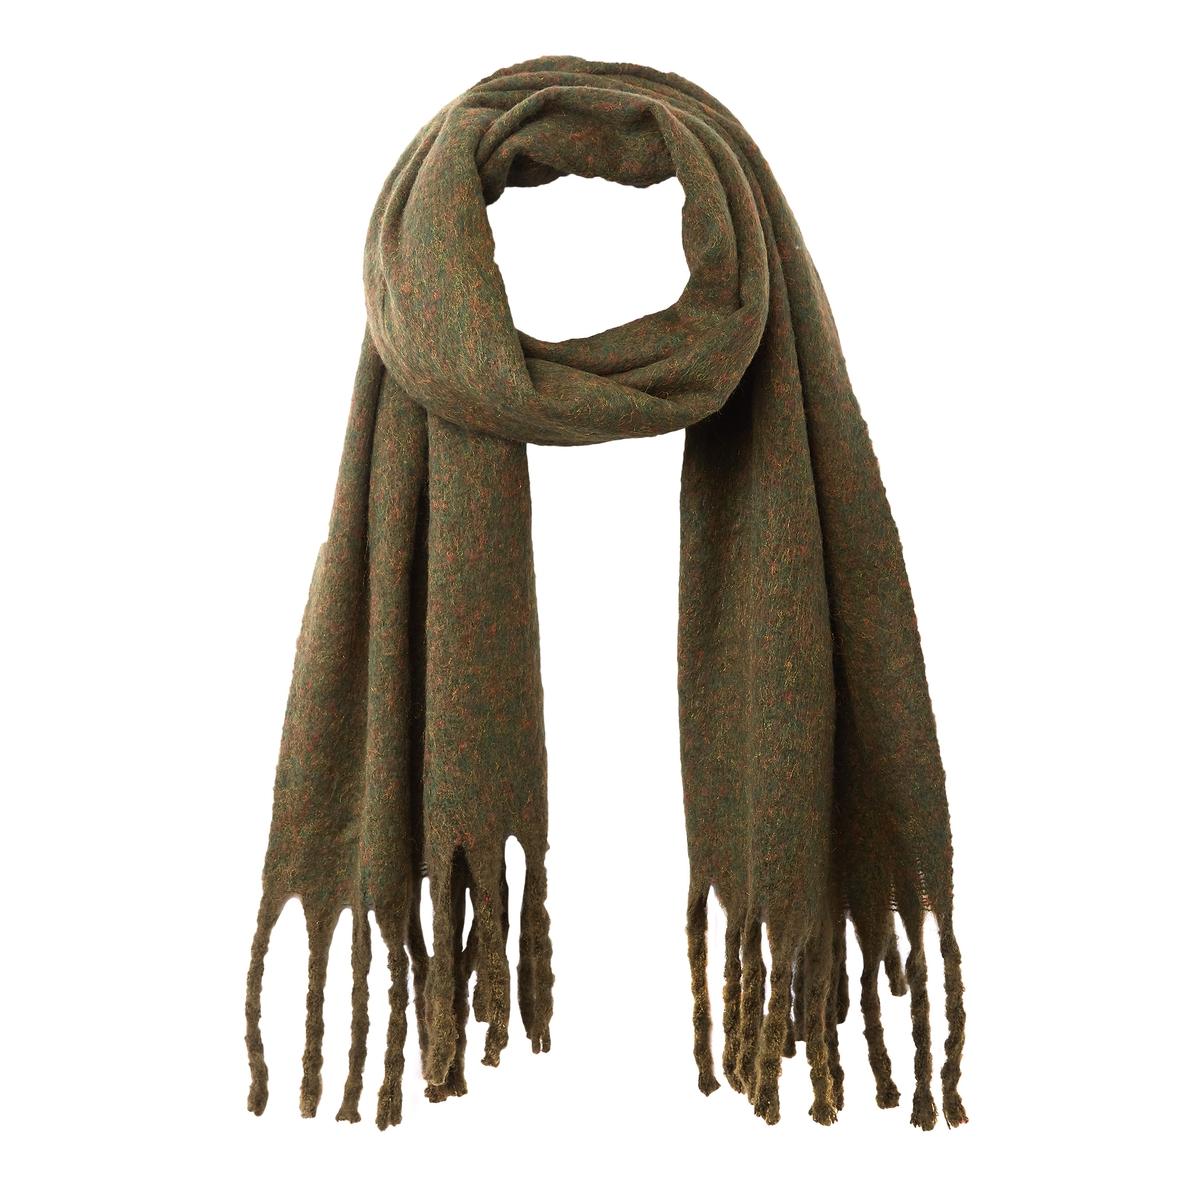 Шарф La Redoute С бахромой UNI зеленый павловопосадская шерстяная шаль с шелковой бахромой волшебный узор 148х148 см